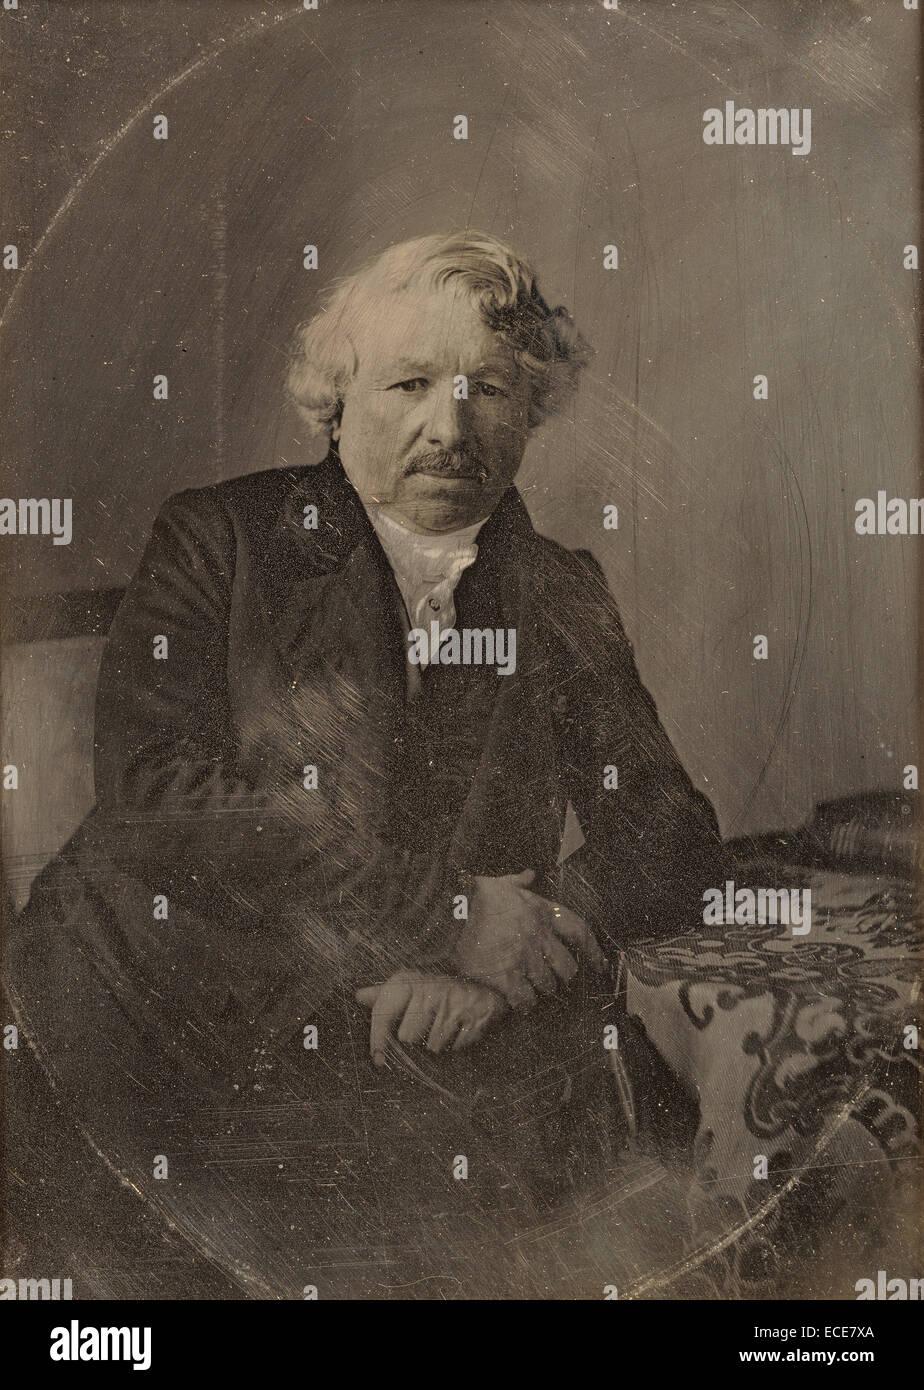 Portrait of Louis-Jacques-Mandé Daguerre; Charles Richard Meade, American, 1826 - 1858; Bry-sur-Marne, France, Europe; Stock Photo